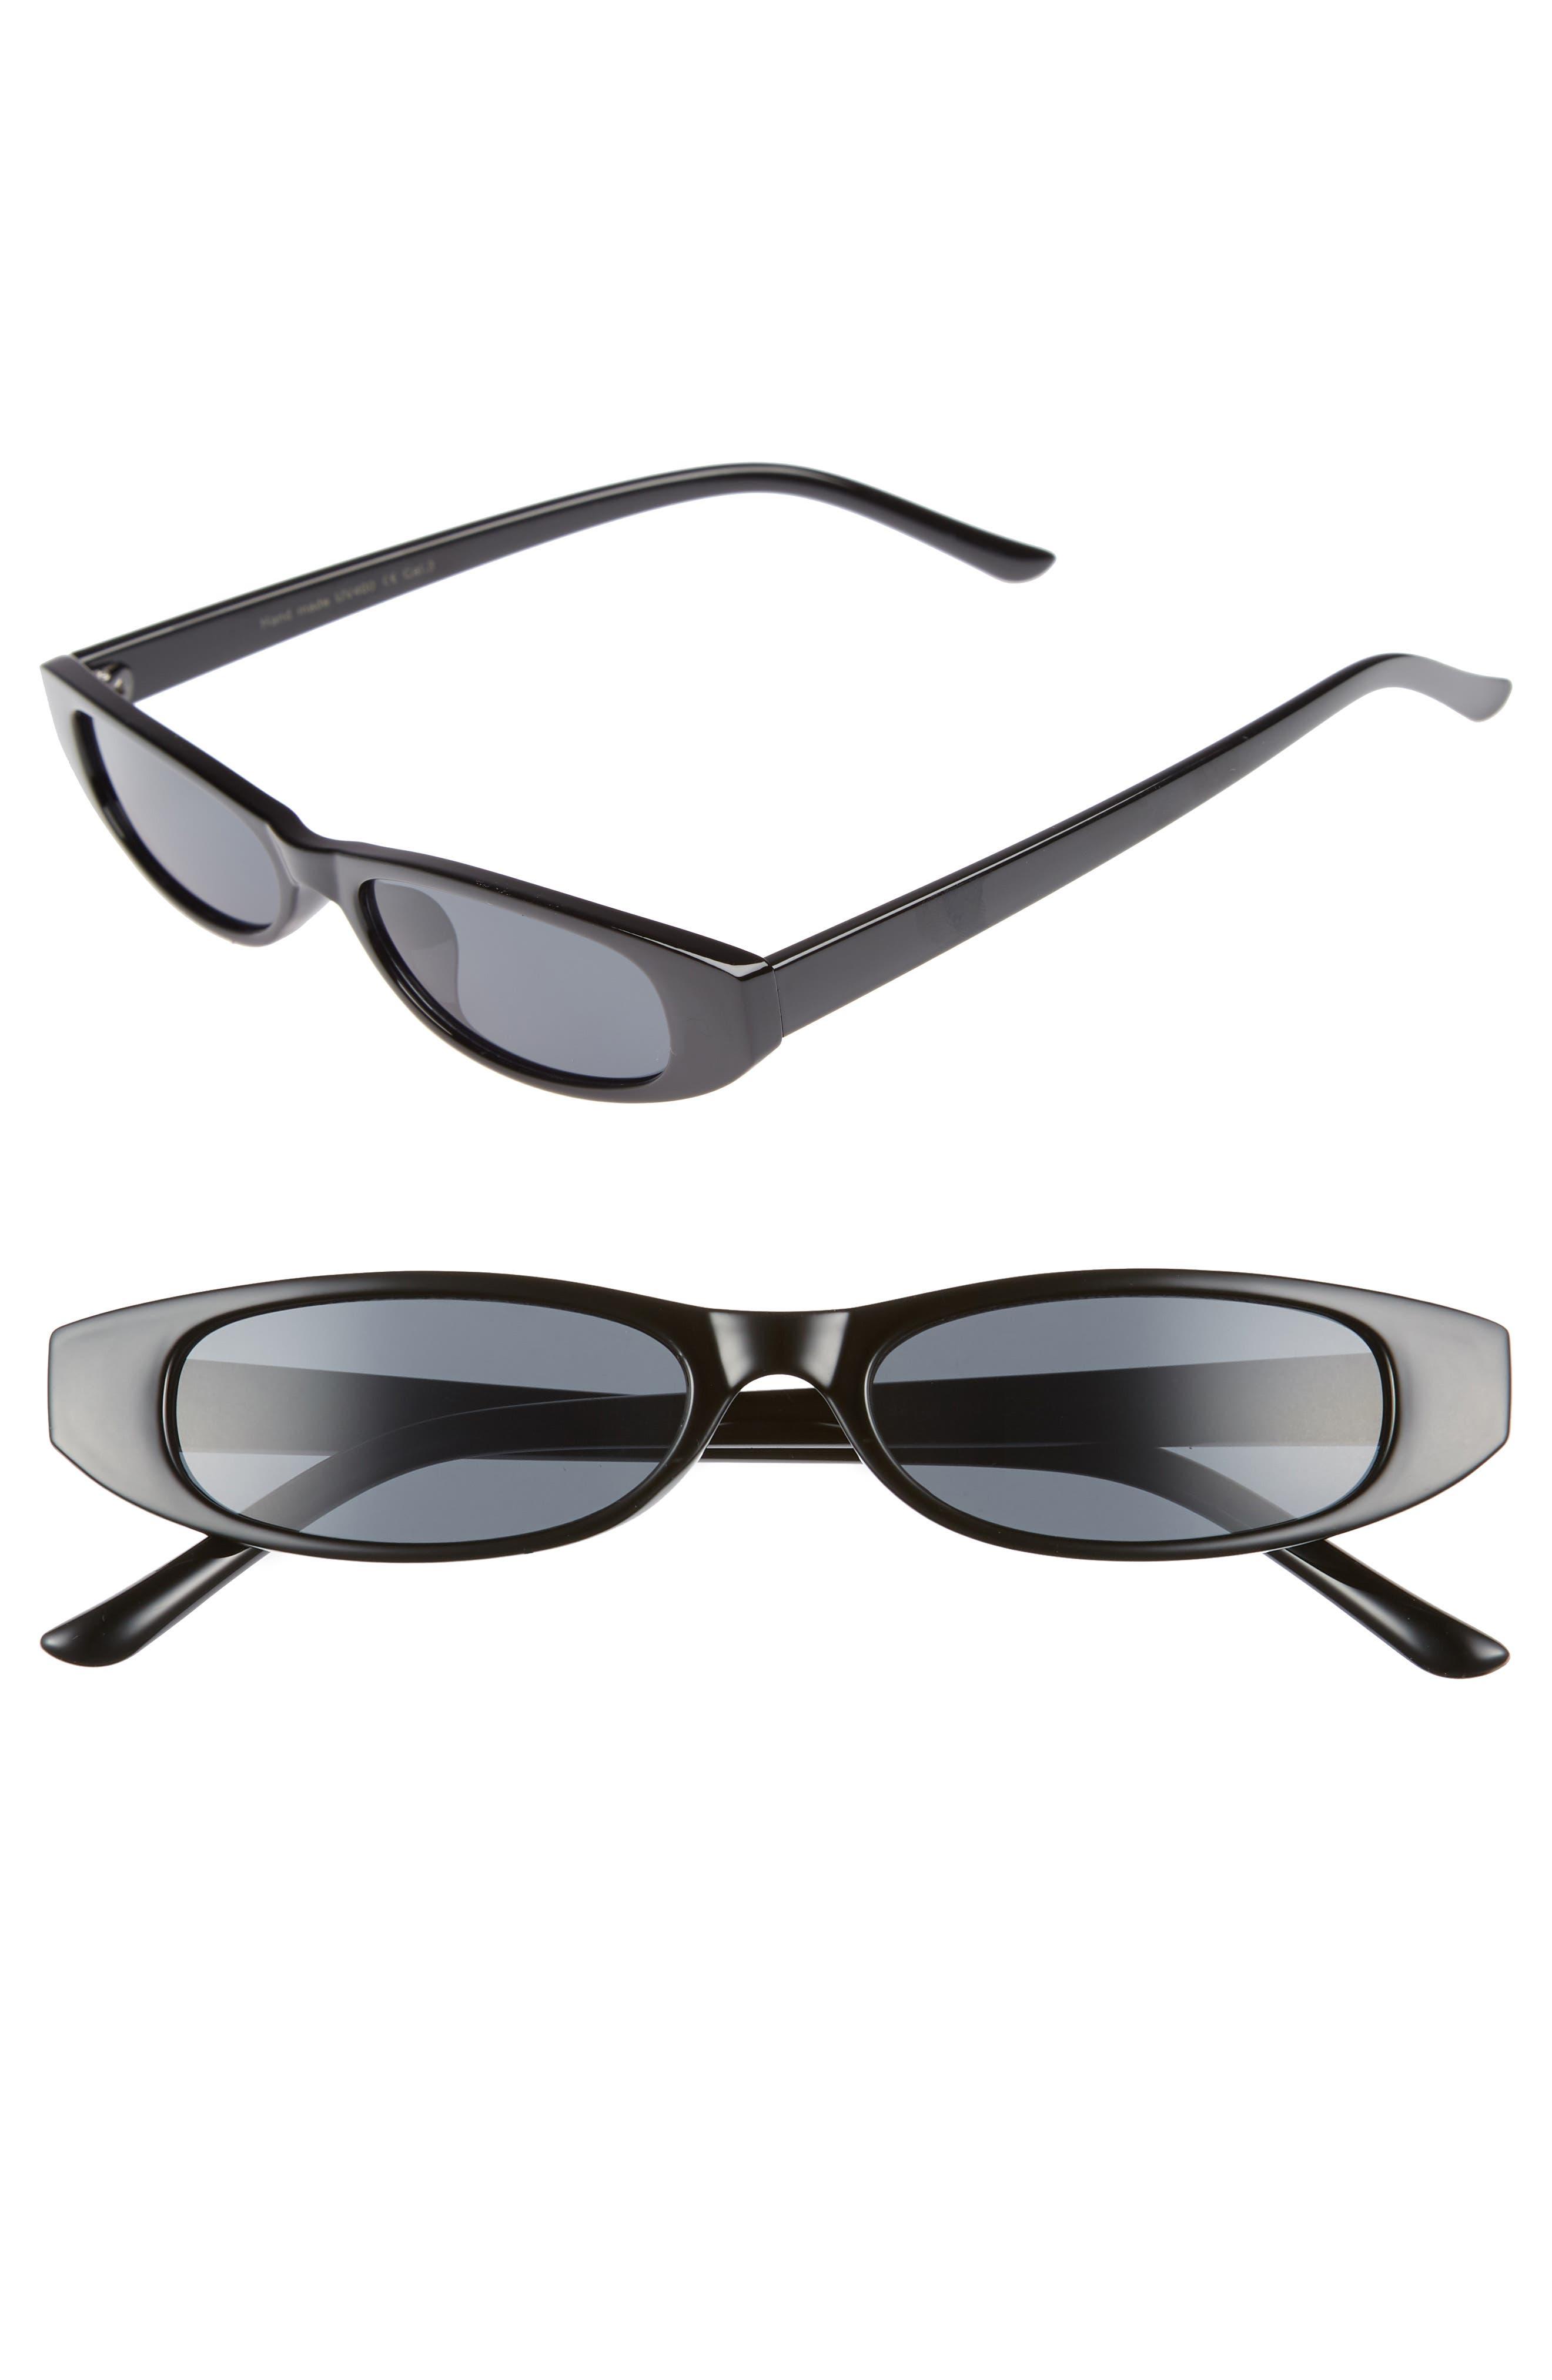 50mm Geometric Sunglasses,                             Main thumbnail 1, color,                             Black